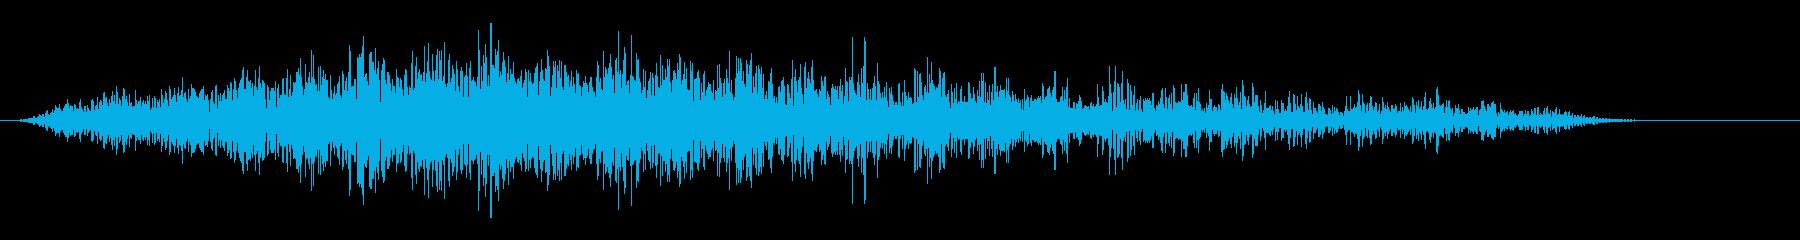 デジタルな起動音 近未来的な音の再生済みの波形